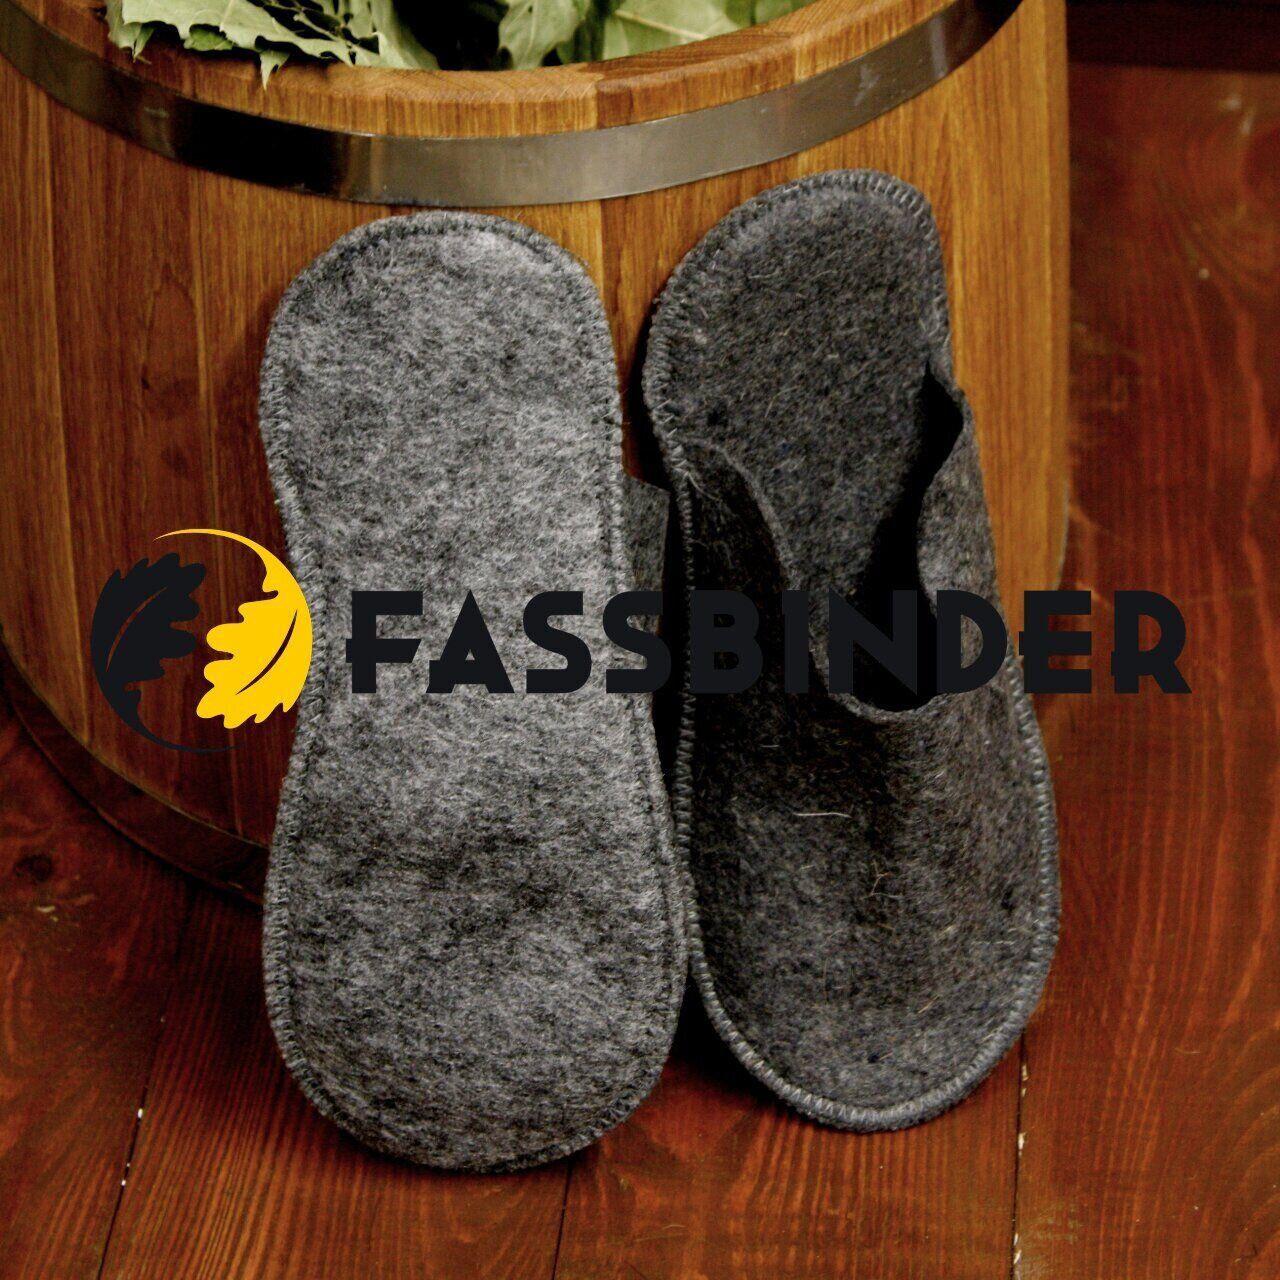 Тапки для бани и сауны большие классические Fassbinder™, серый войлок 7trav